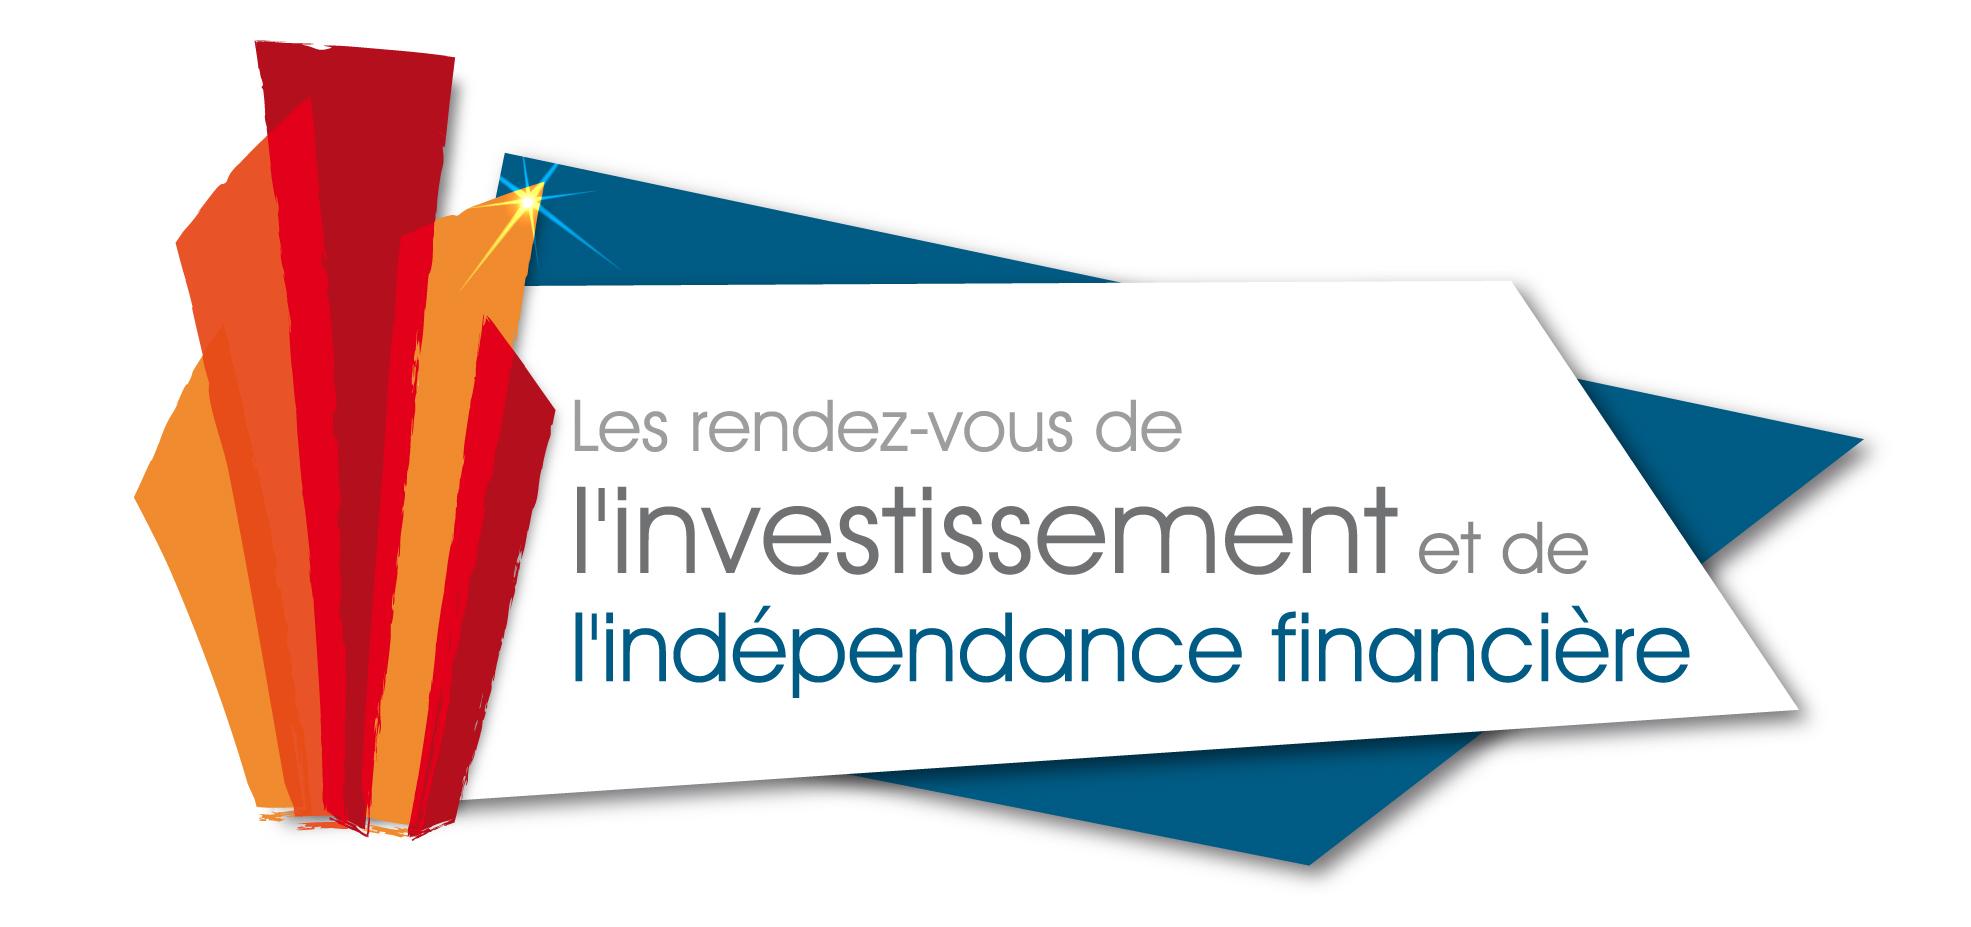 LOGO_independance_financiere_def_livraison-2